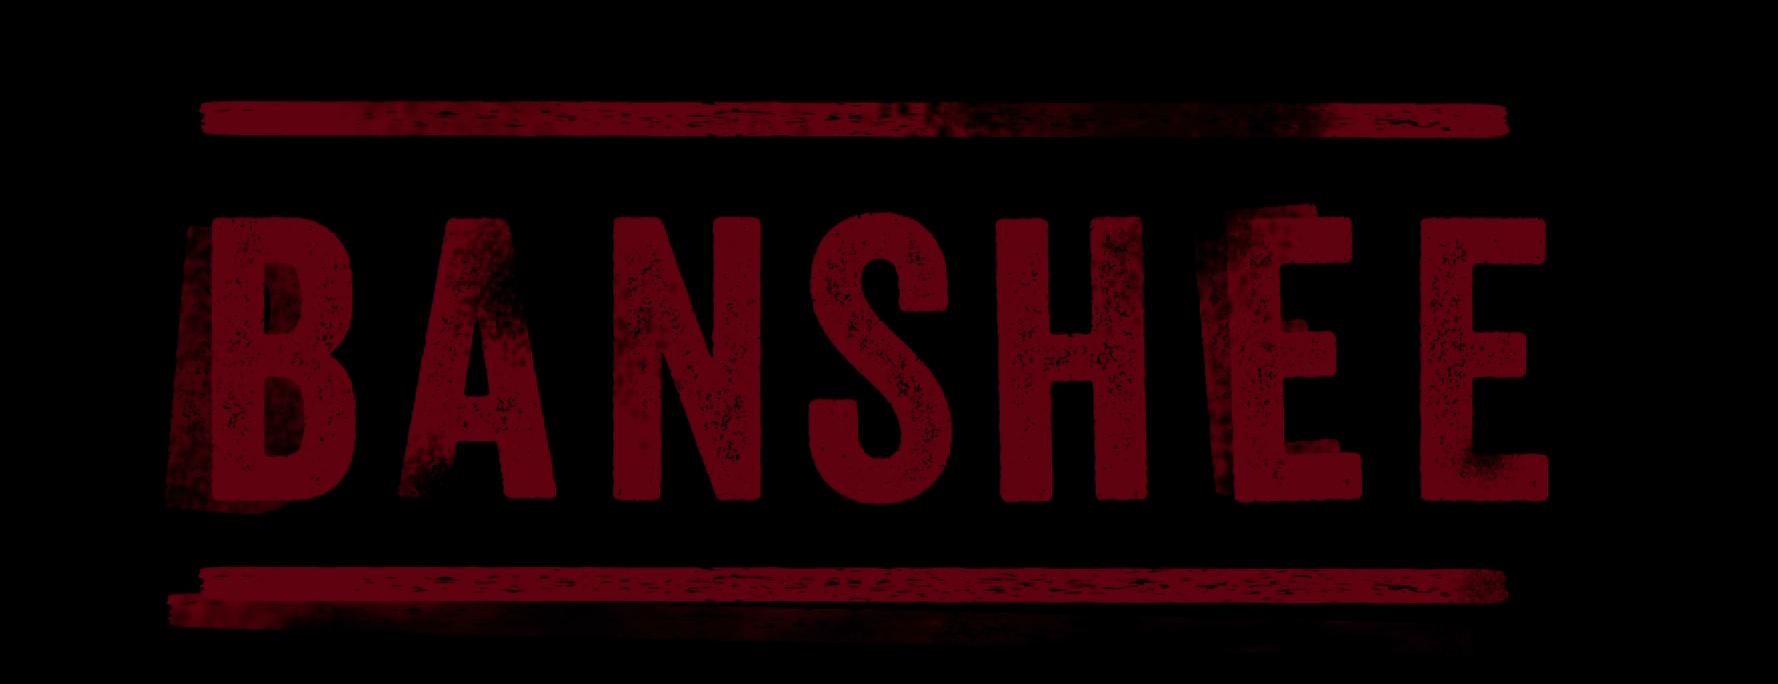 banshee saison 4 date repouss e et nouveau trailer brain damaged. Black Bedroom Furniture Sets. Home Design Ideas